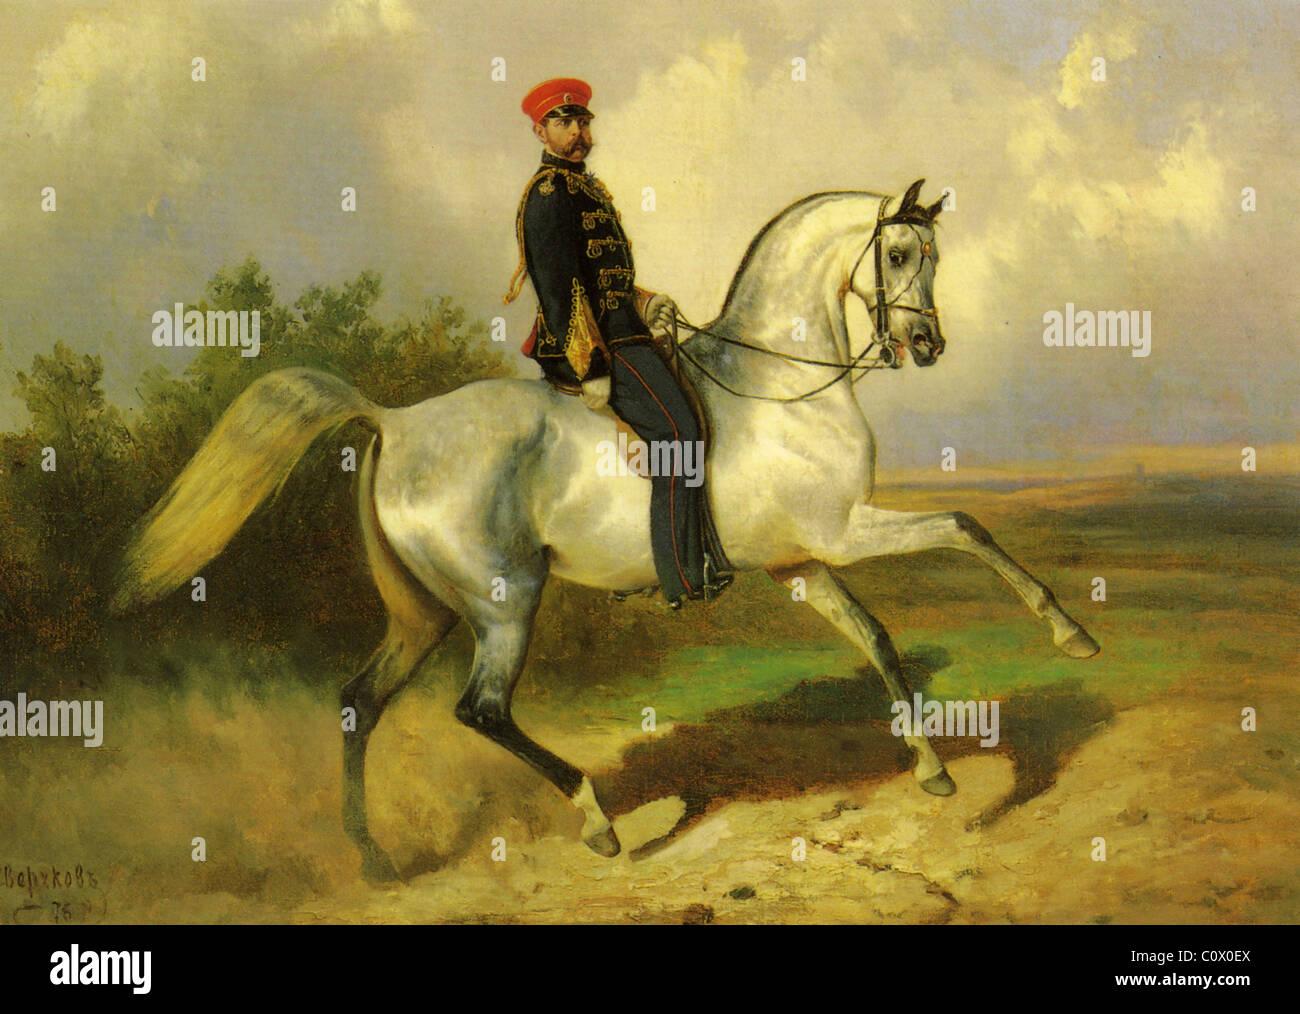 ALEXANDER II (1818-1881) Russian Emperor - Stock Image